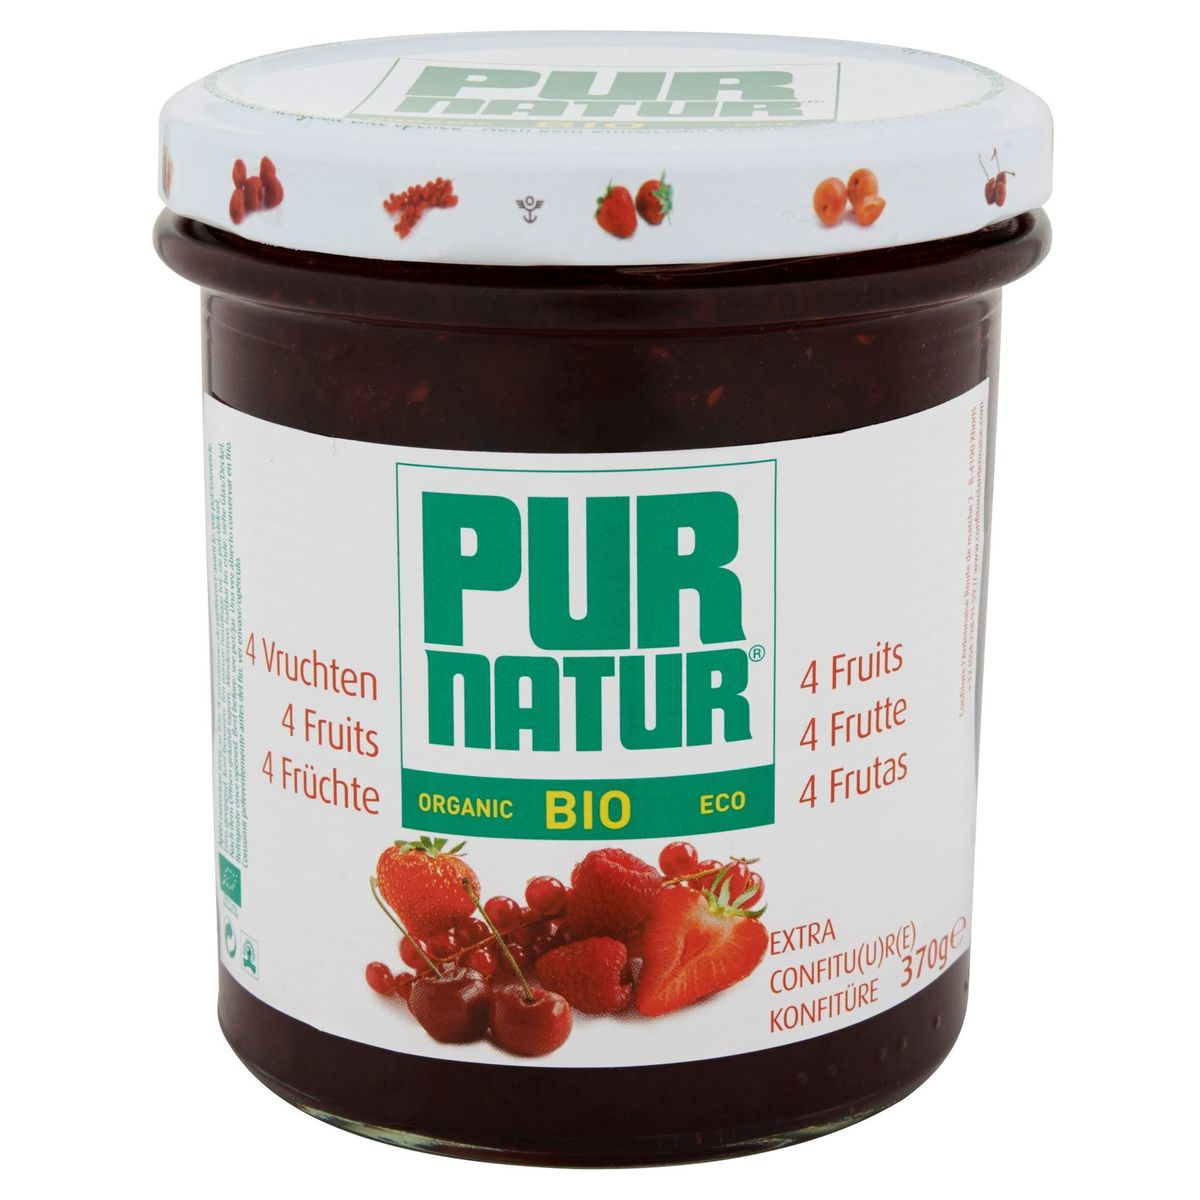 Pur Natur Bio 4 Fruits Extra Confiture 370 g